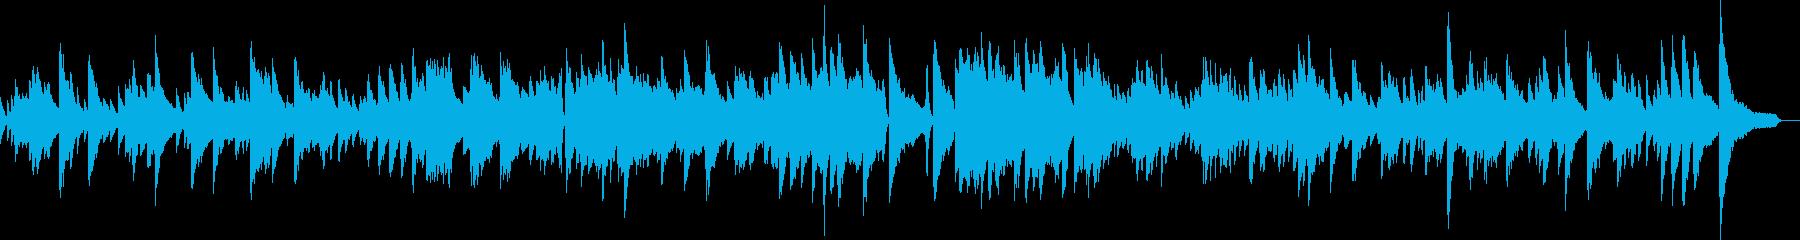 怪しげジャズバラードピアノ生演奏 映像の再生済みの波形